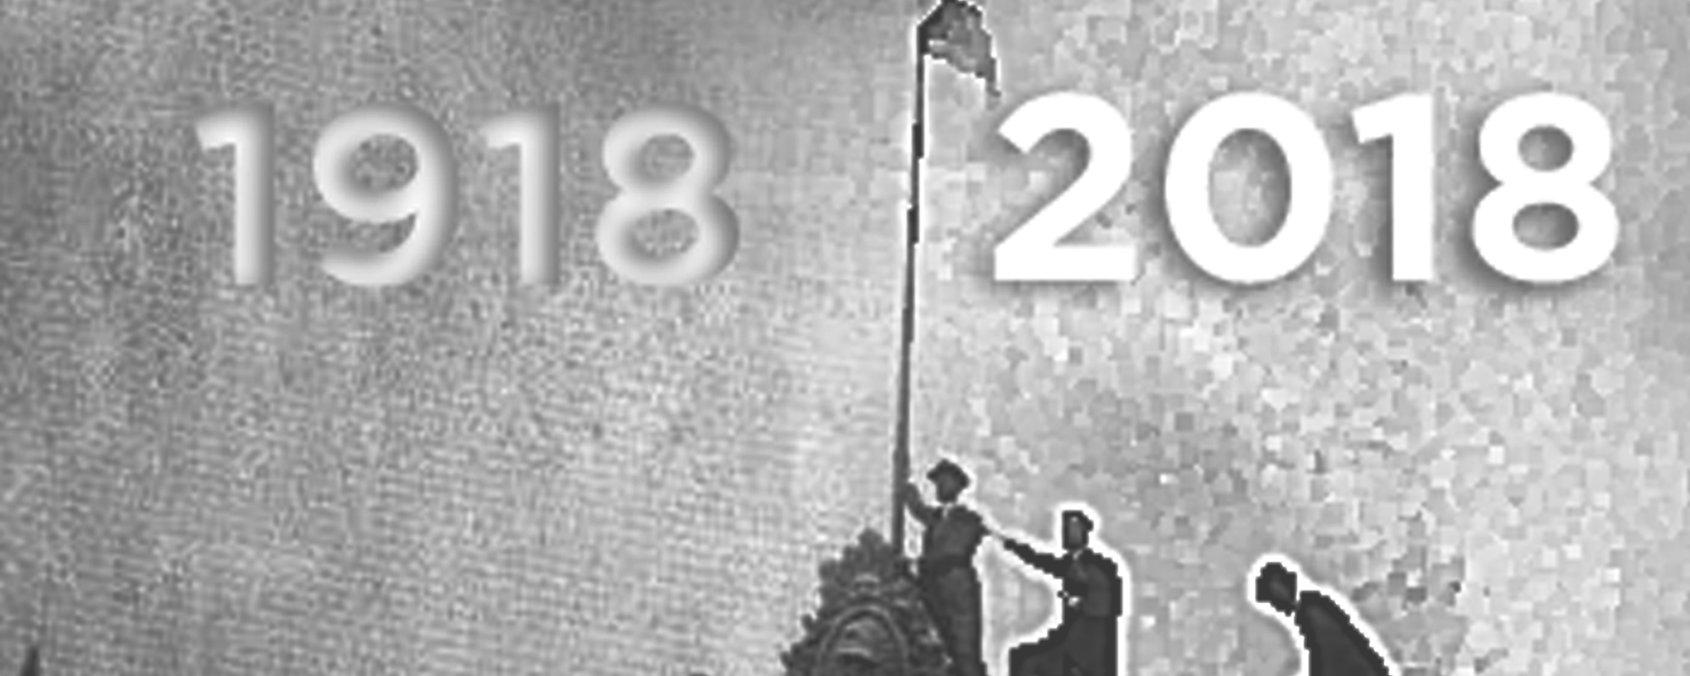 """El concurso de """"Gif`s, Video Loop e Historias mínimas en 18 segundos"""" prorroga la fecha para la entrega de los trabajos"""